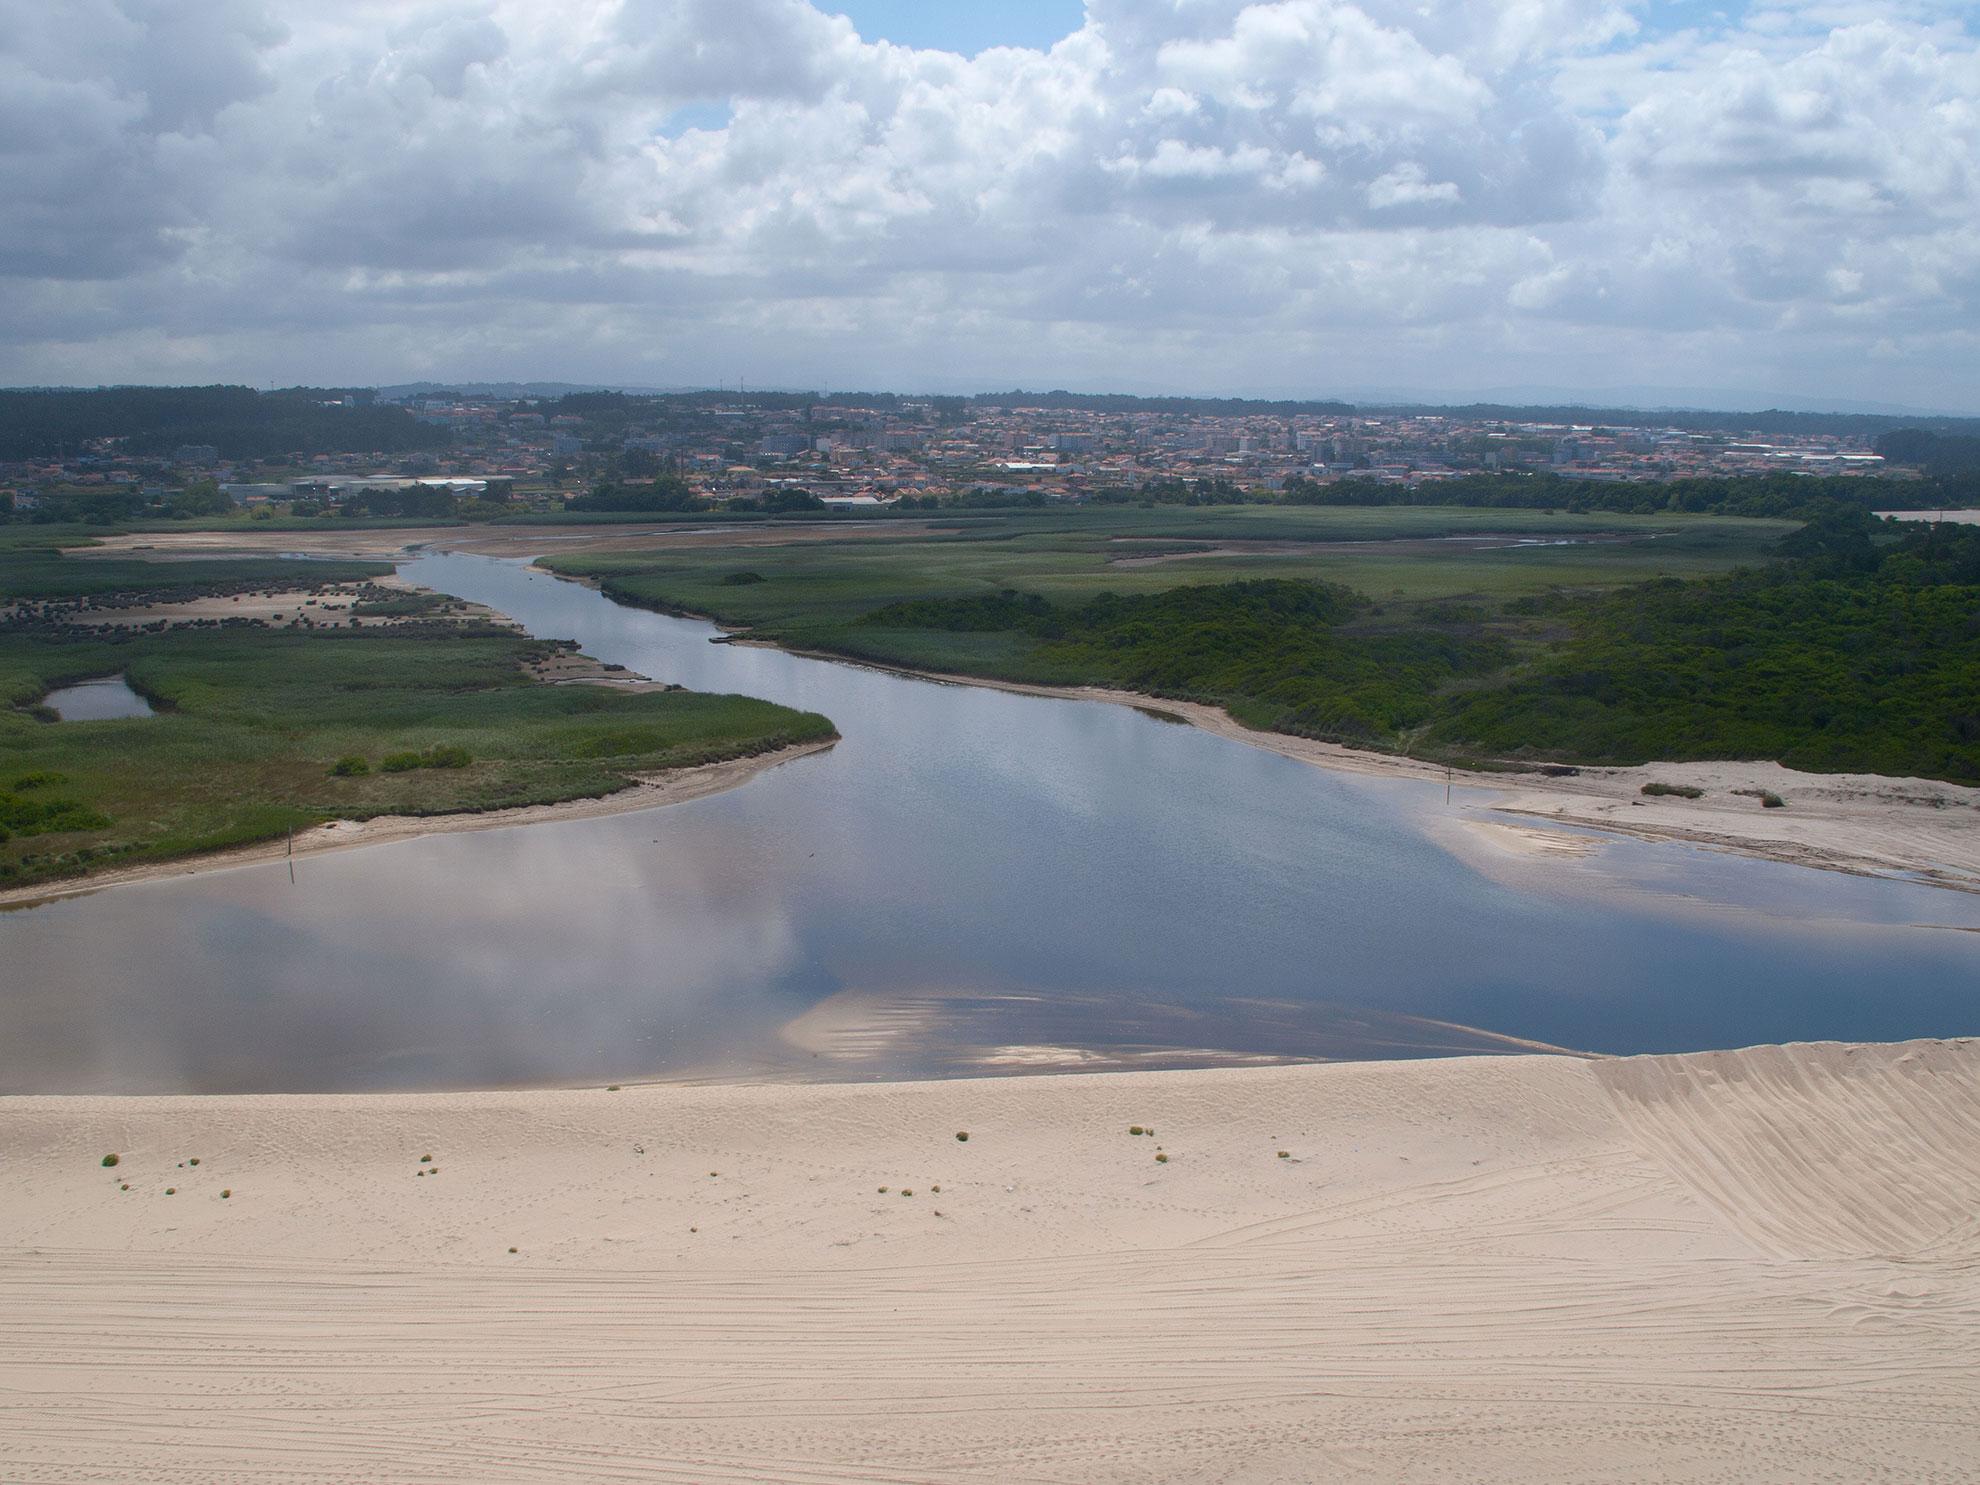 Barrinha de Esmoriz / Lagoa de Paramos e sua interligação com o sistema dunar.